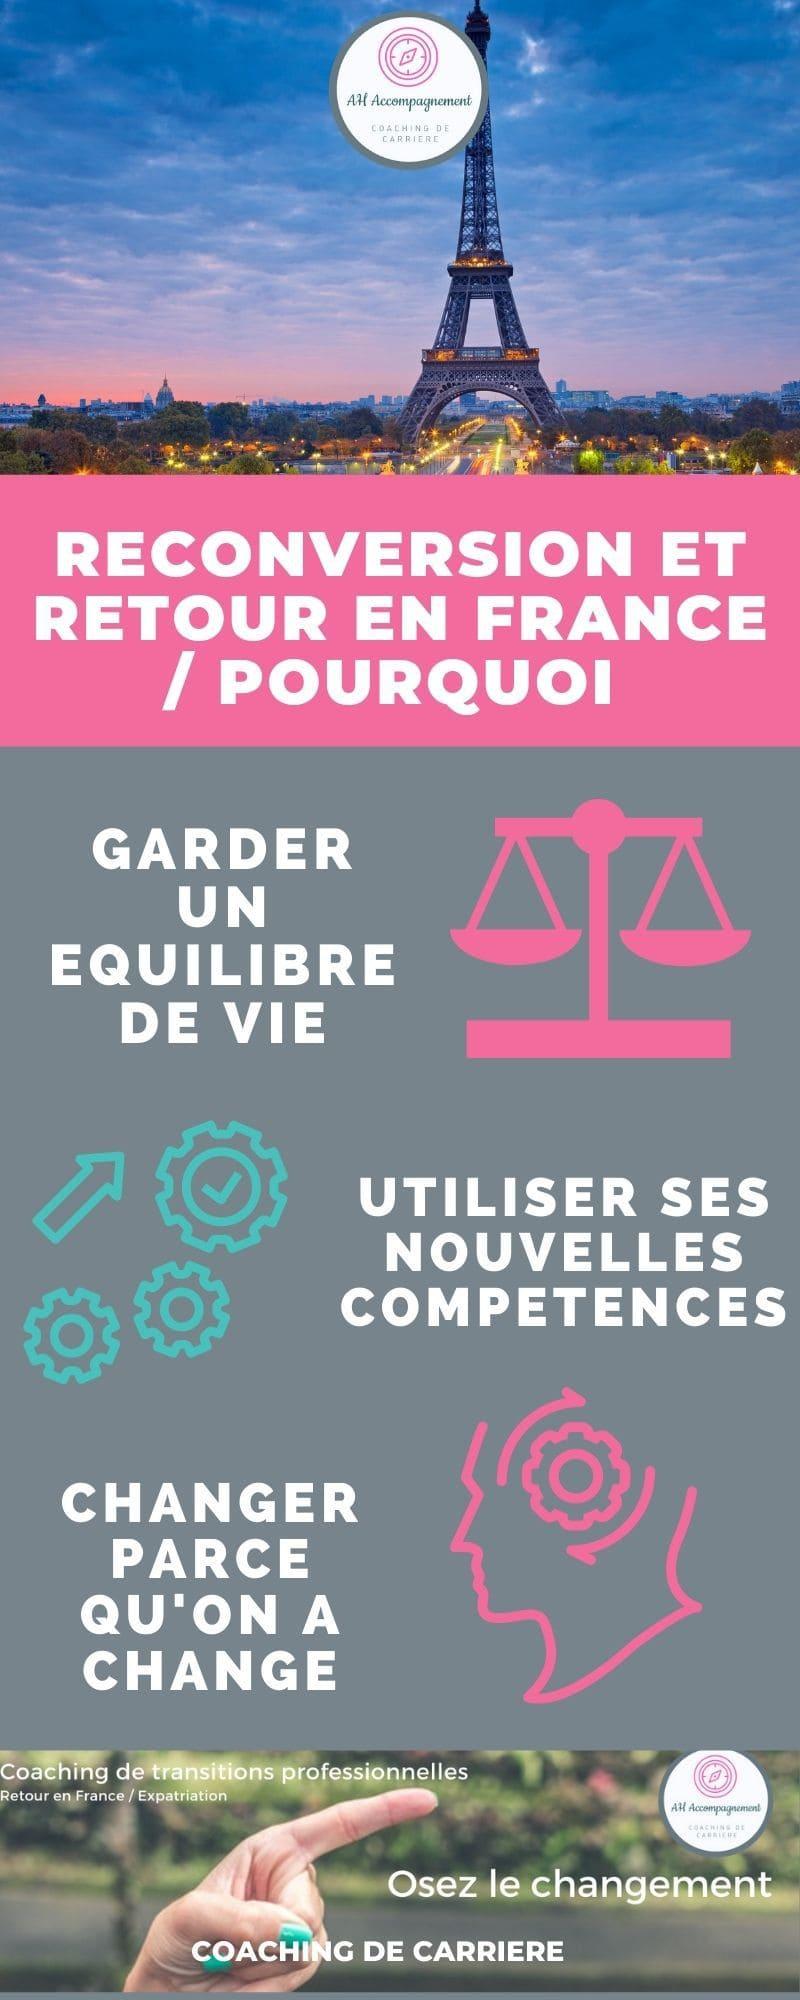 POURQUOI SE RECONVERTIR AU RETOUR EN FRANCE